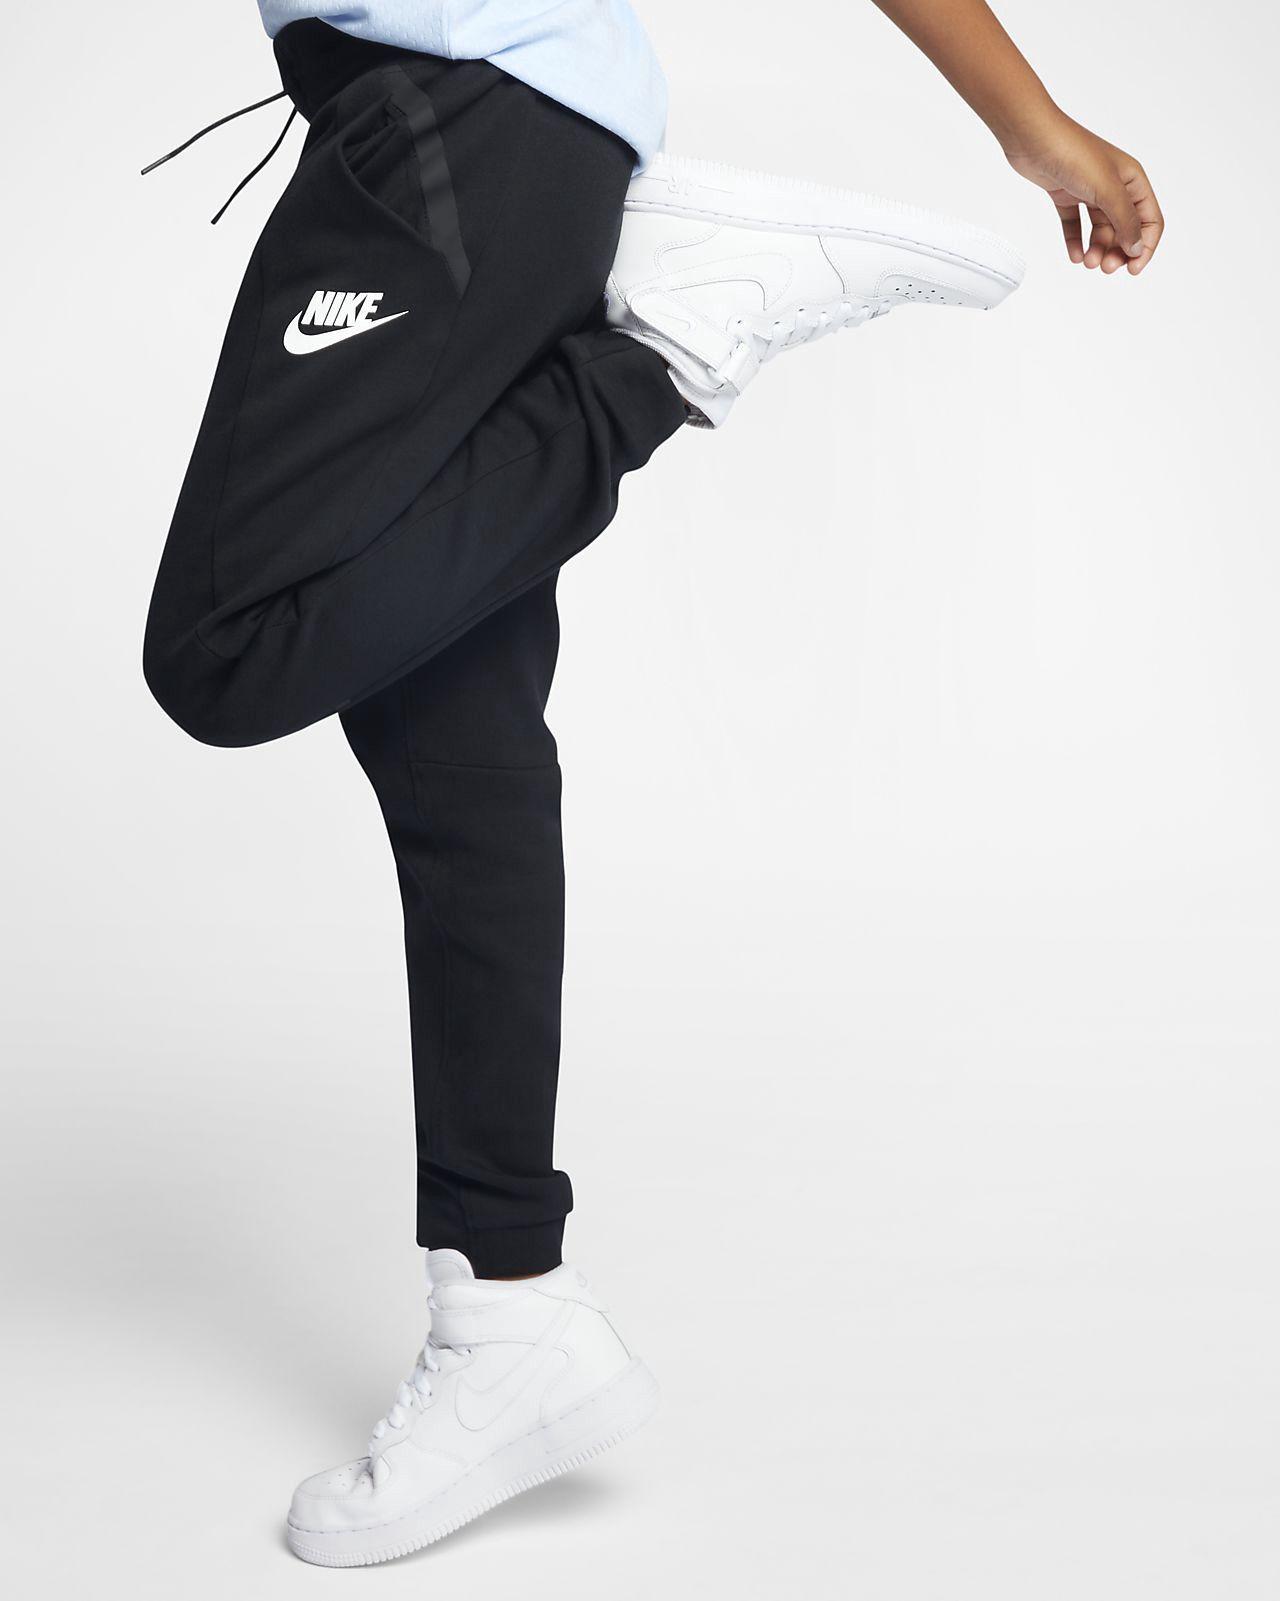 3ee32283fabbc Nike Sportswear Tech Fleece Big Kids' (Girls') Pants - M (10-12 ...